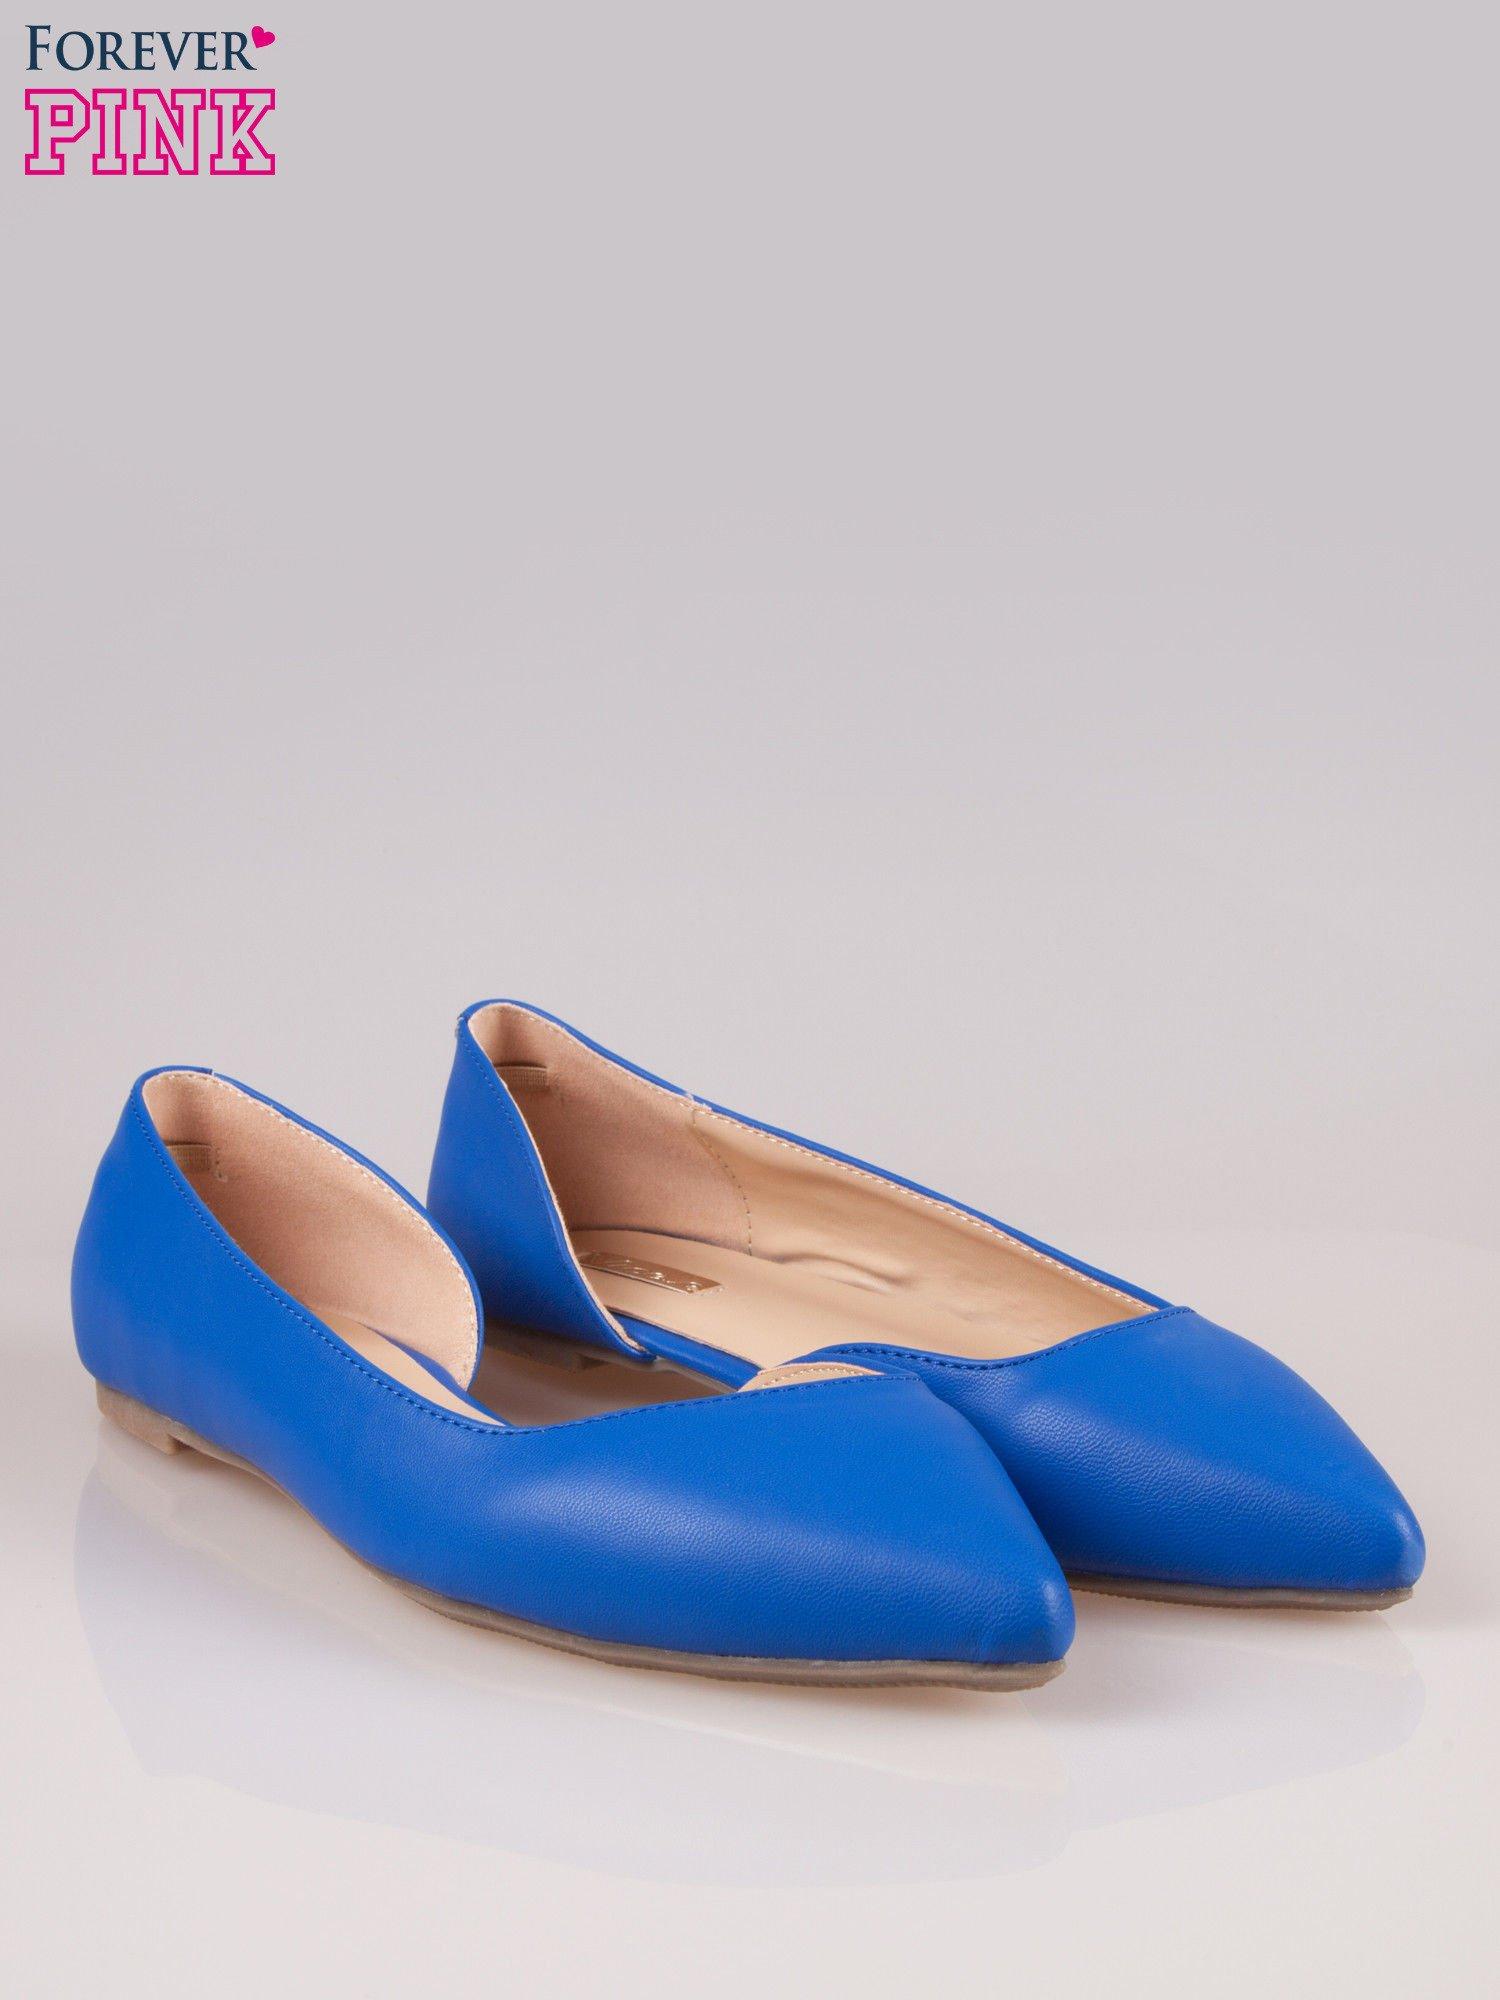 Niebieskie baleriny faux leather Cookie w szpic z wycięciem z boku                                  zdj.                                  2